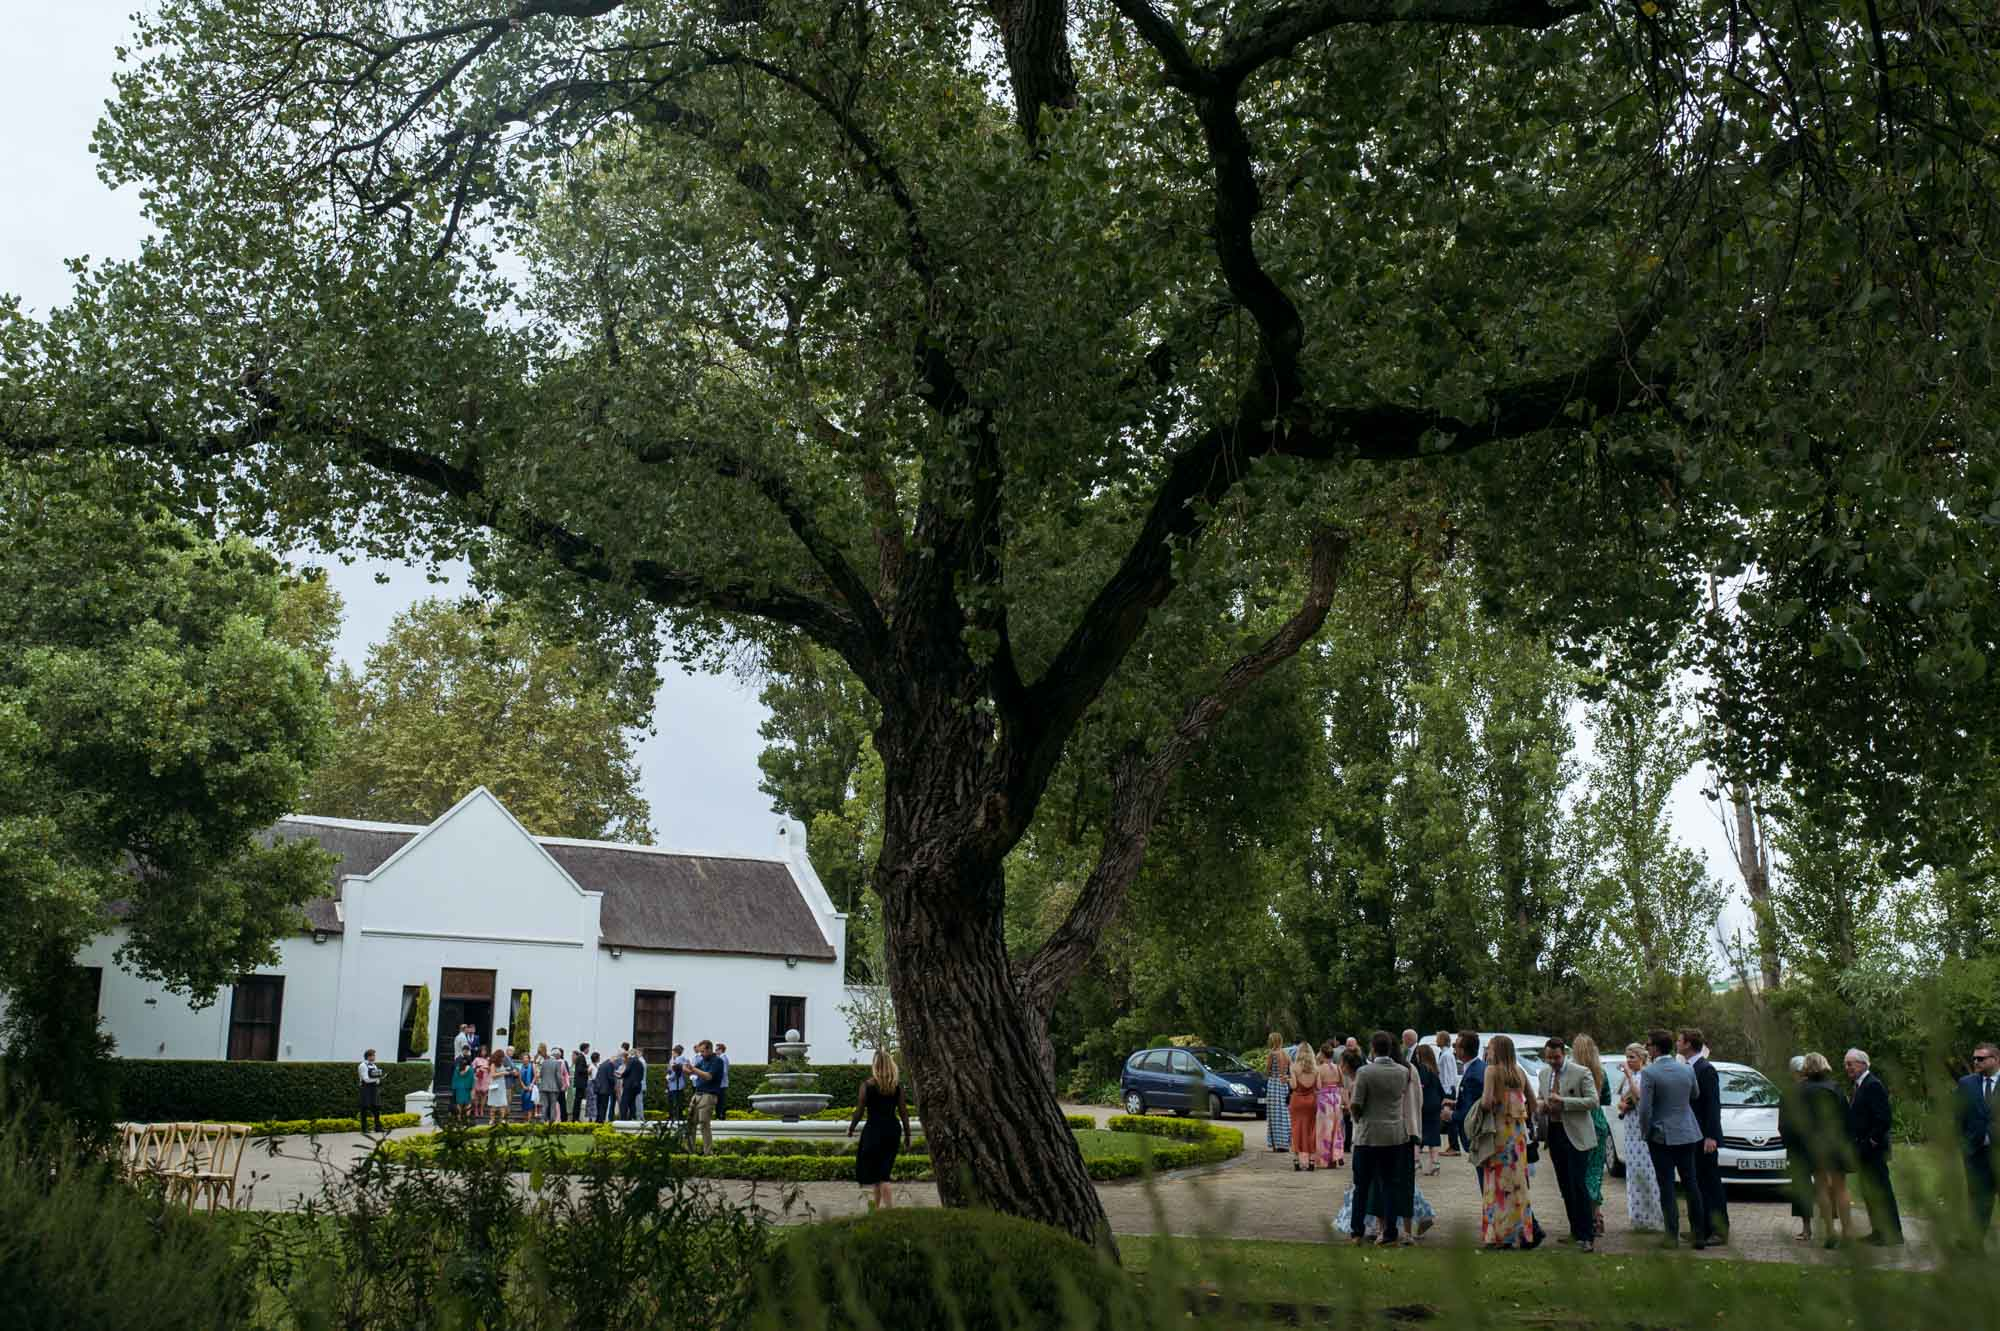 john-henry-cape-town-wedding-photographer-groom-001-9.jpg